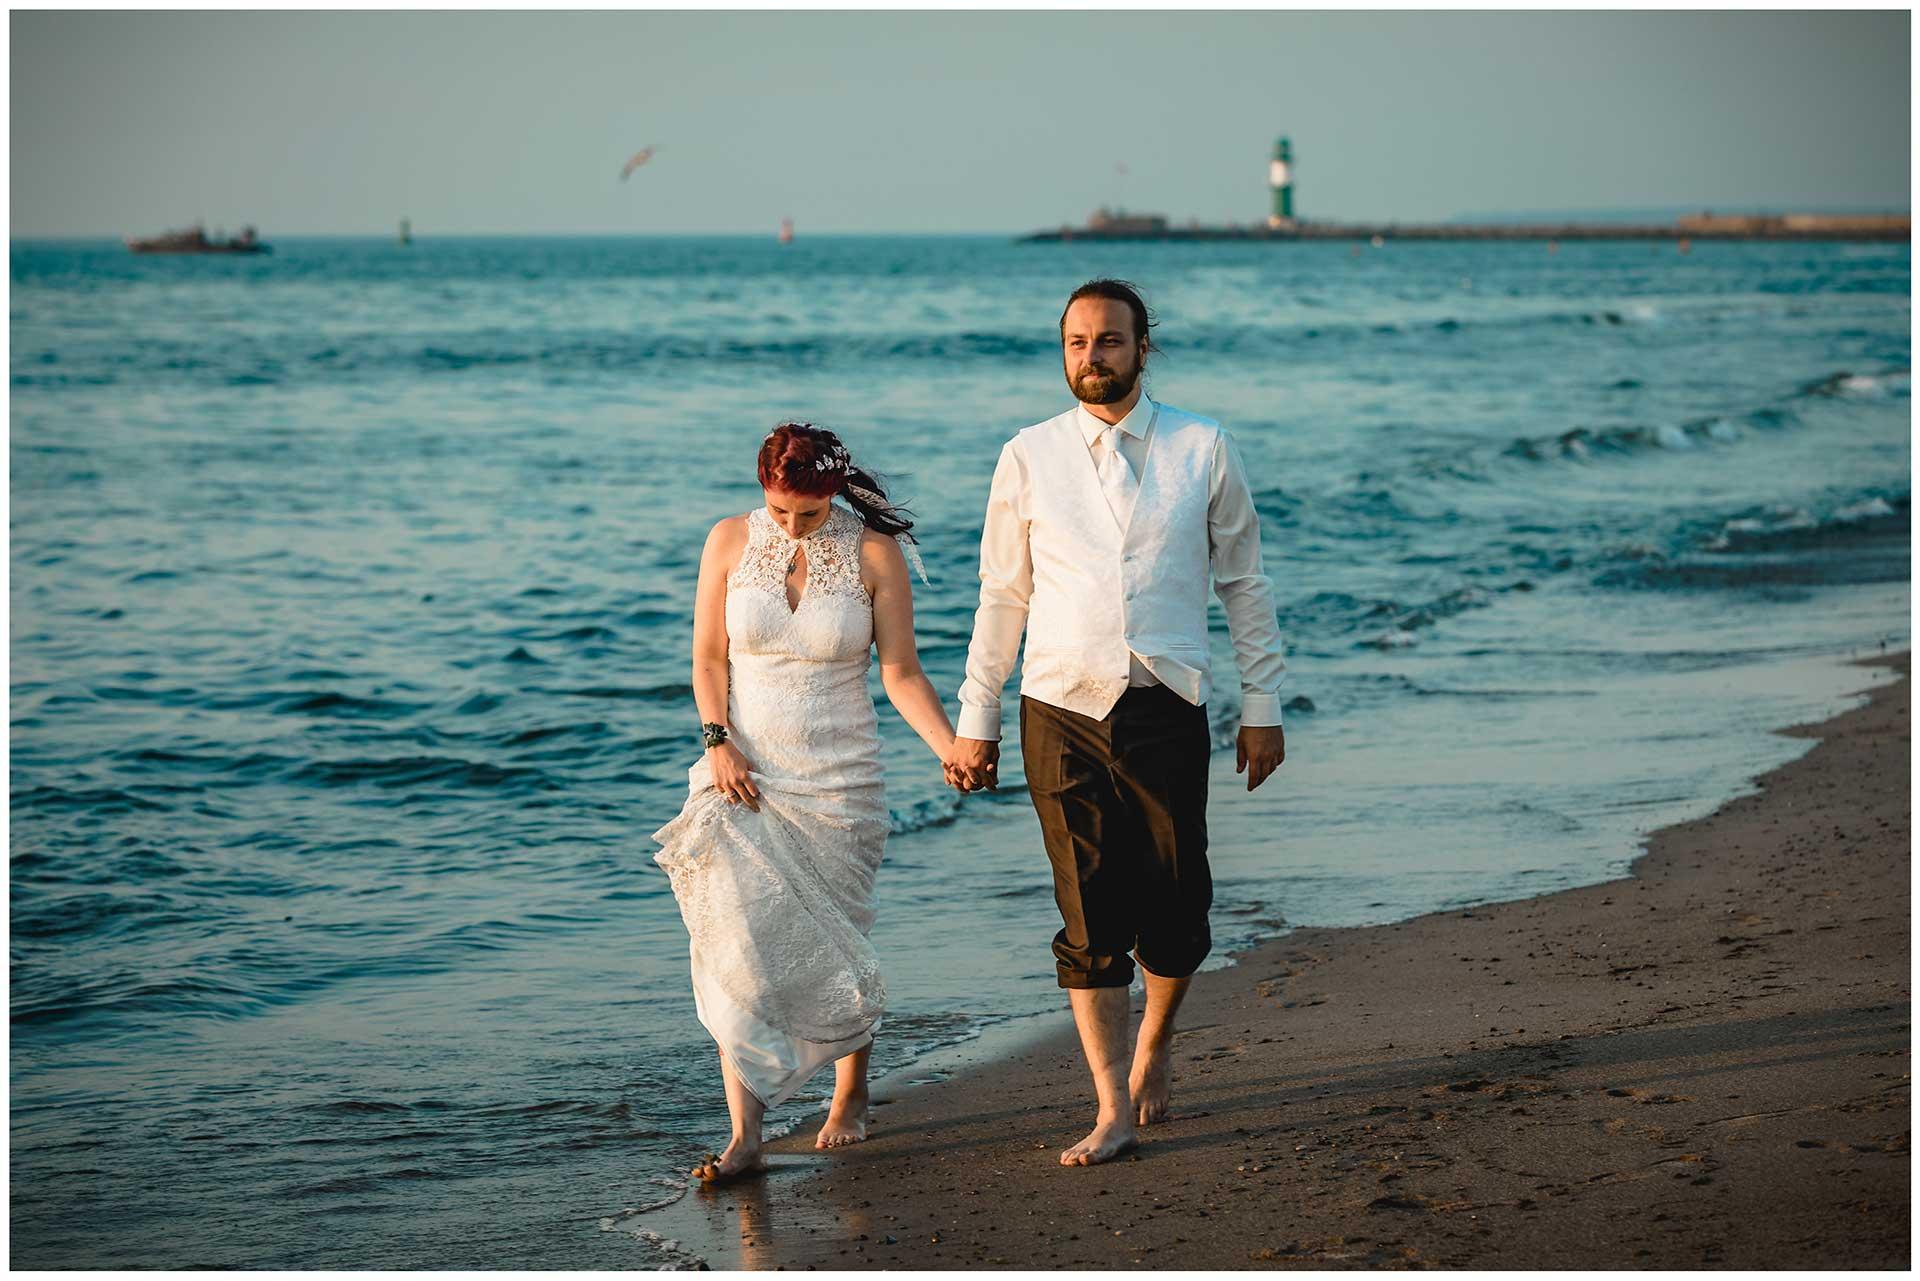 Brautpaar-geht-Barfuss-am-Strand-spazieren-Hochzeitsfotografie-Hochzeitsfotograf-Warnemuende-Hochzeitsfotograf-Rostock-Hochzeitsfotograf-Ostseebad-Warnemuende